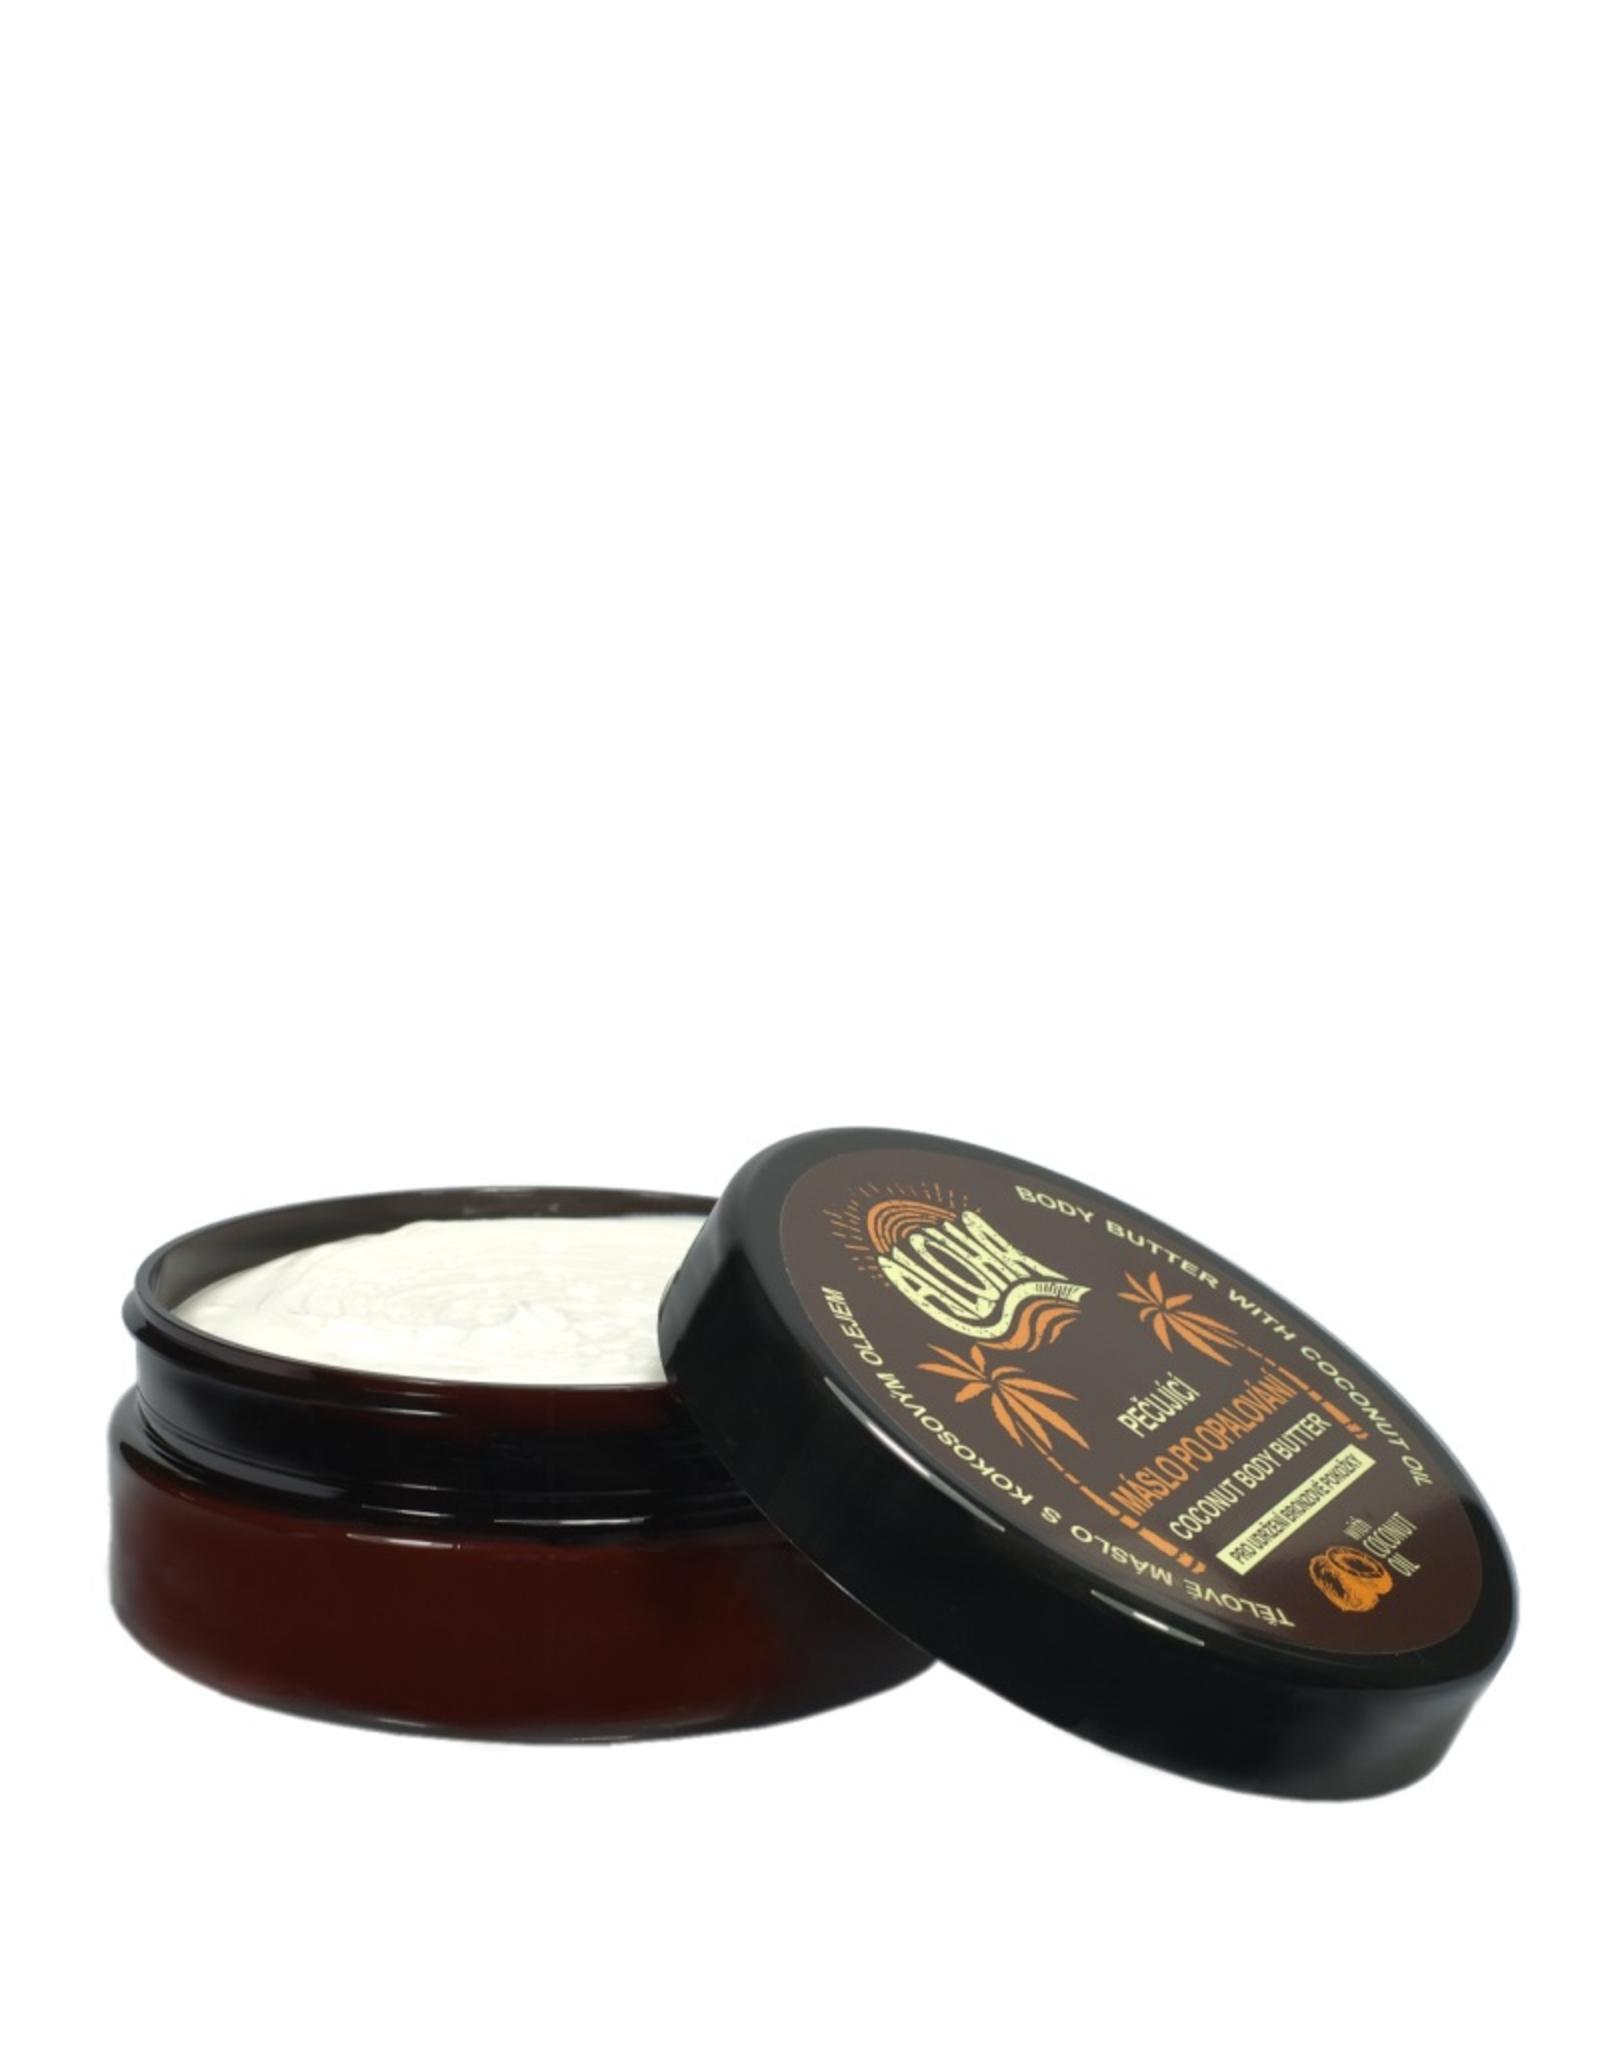 ALOHA Aftersun Body Butter met Kokosolie voor langdurige behoud van een natuurlijke bruine teint.